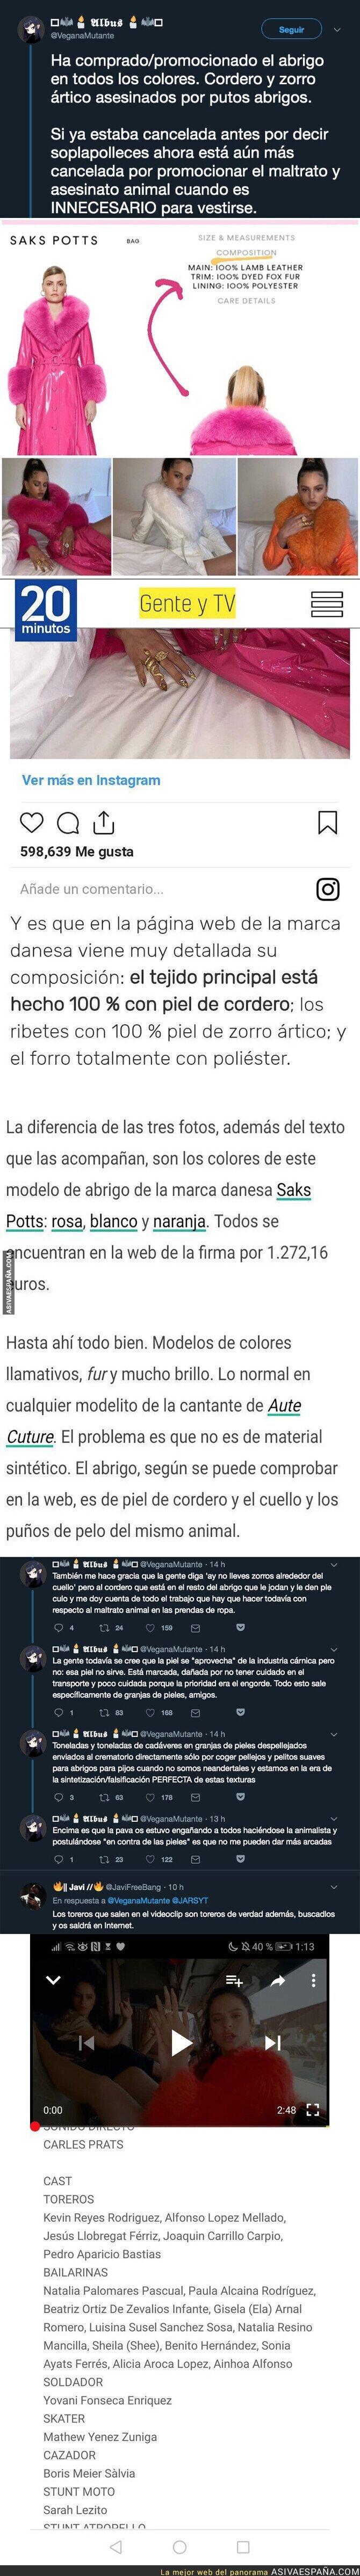 116204 - Gran polémica con la ropa que usa y promociona Rosalía en las redes sociales